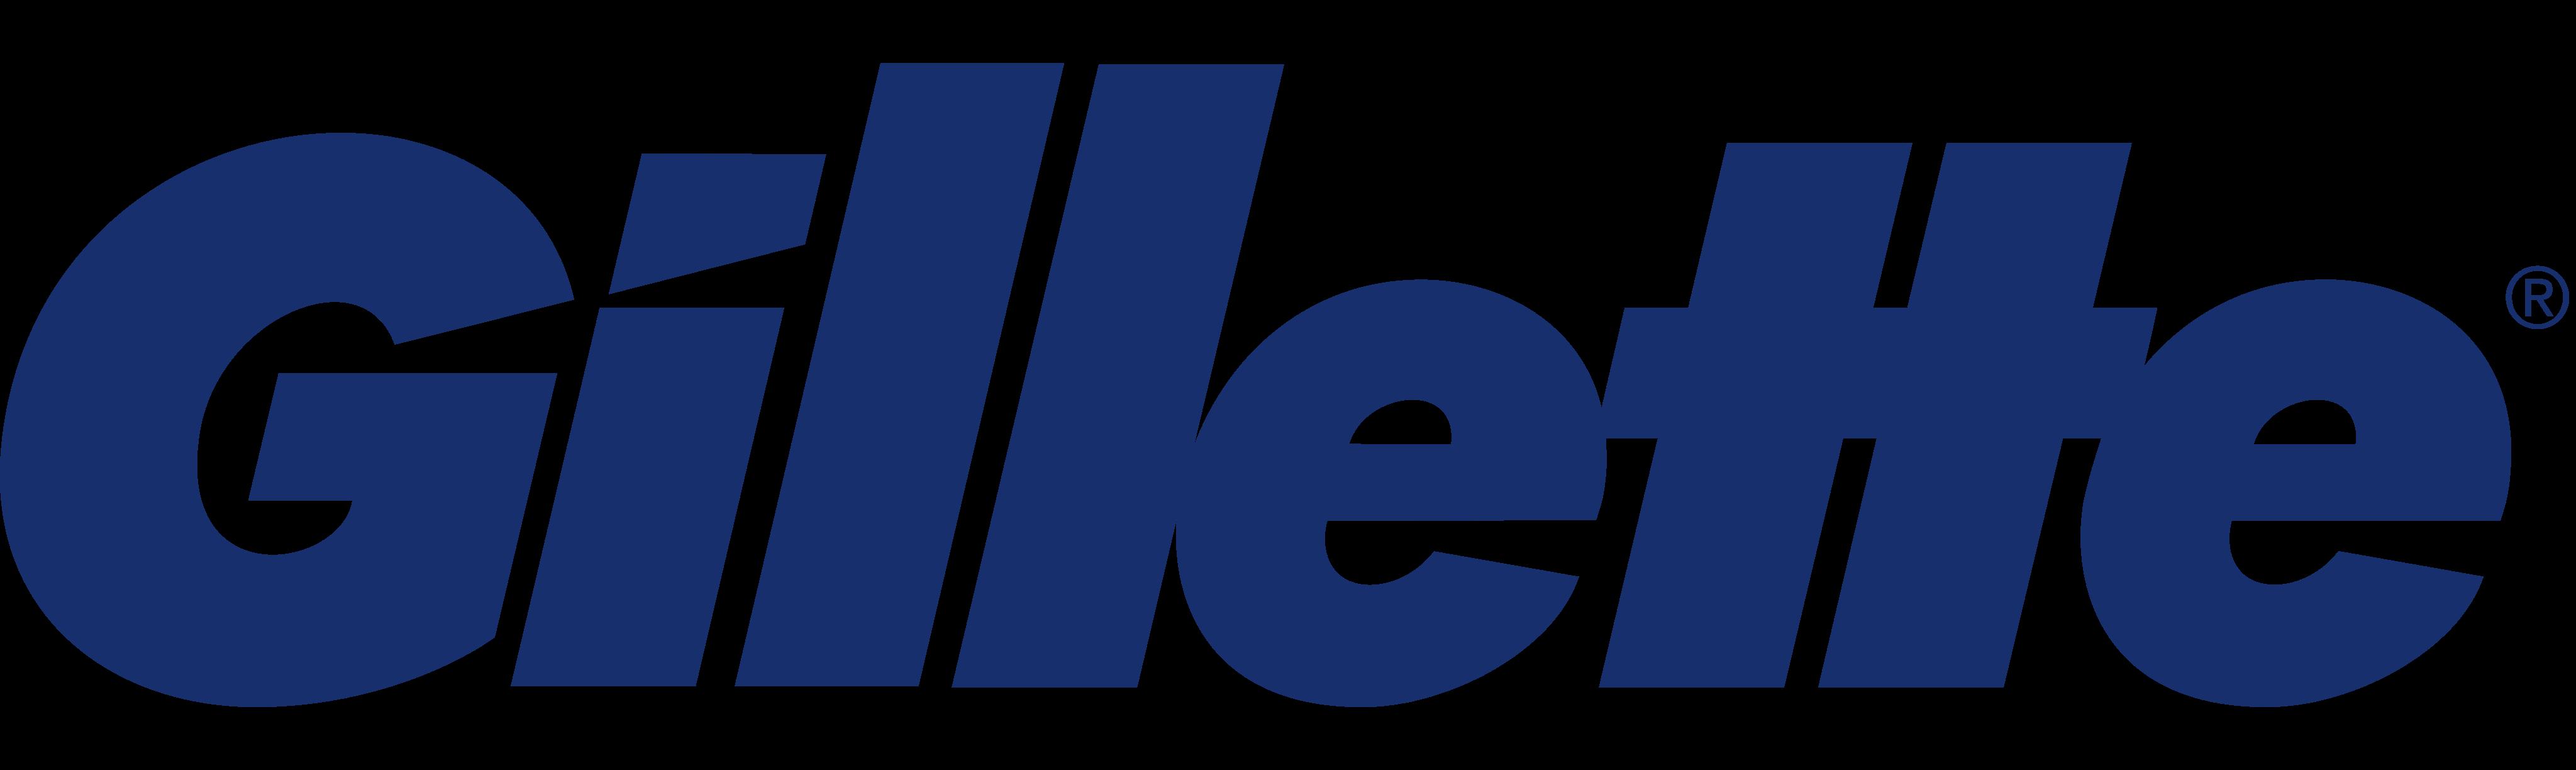 gillette logo 1 - Gillette Logo